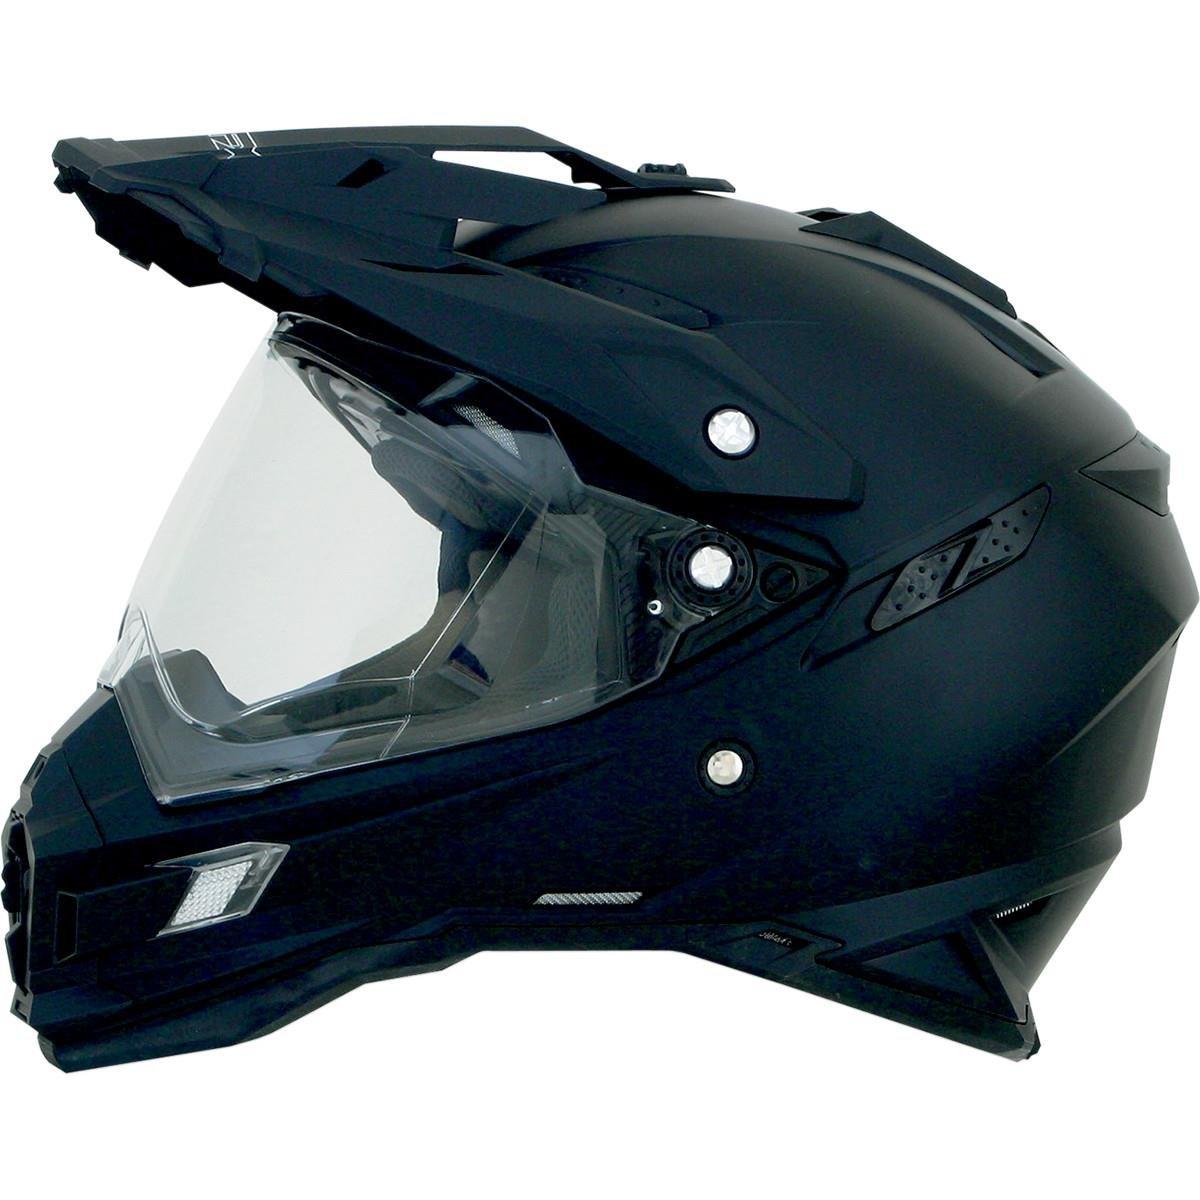 AFX FX41-DS 2014 Full Face Street Helmet Flat Black MD 4333053325